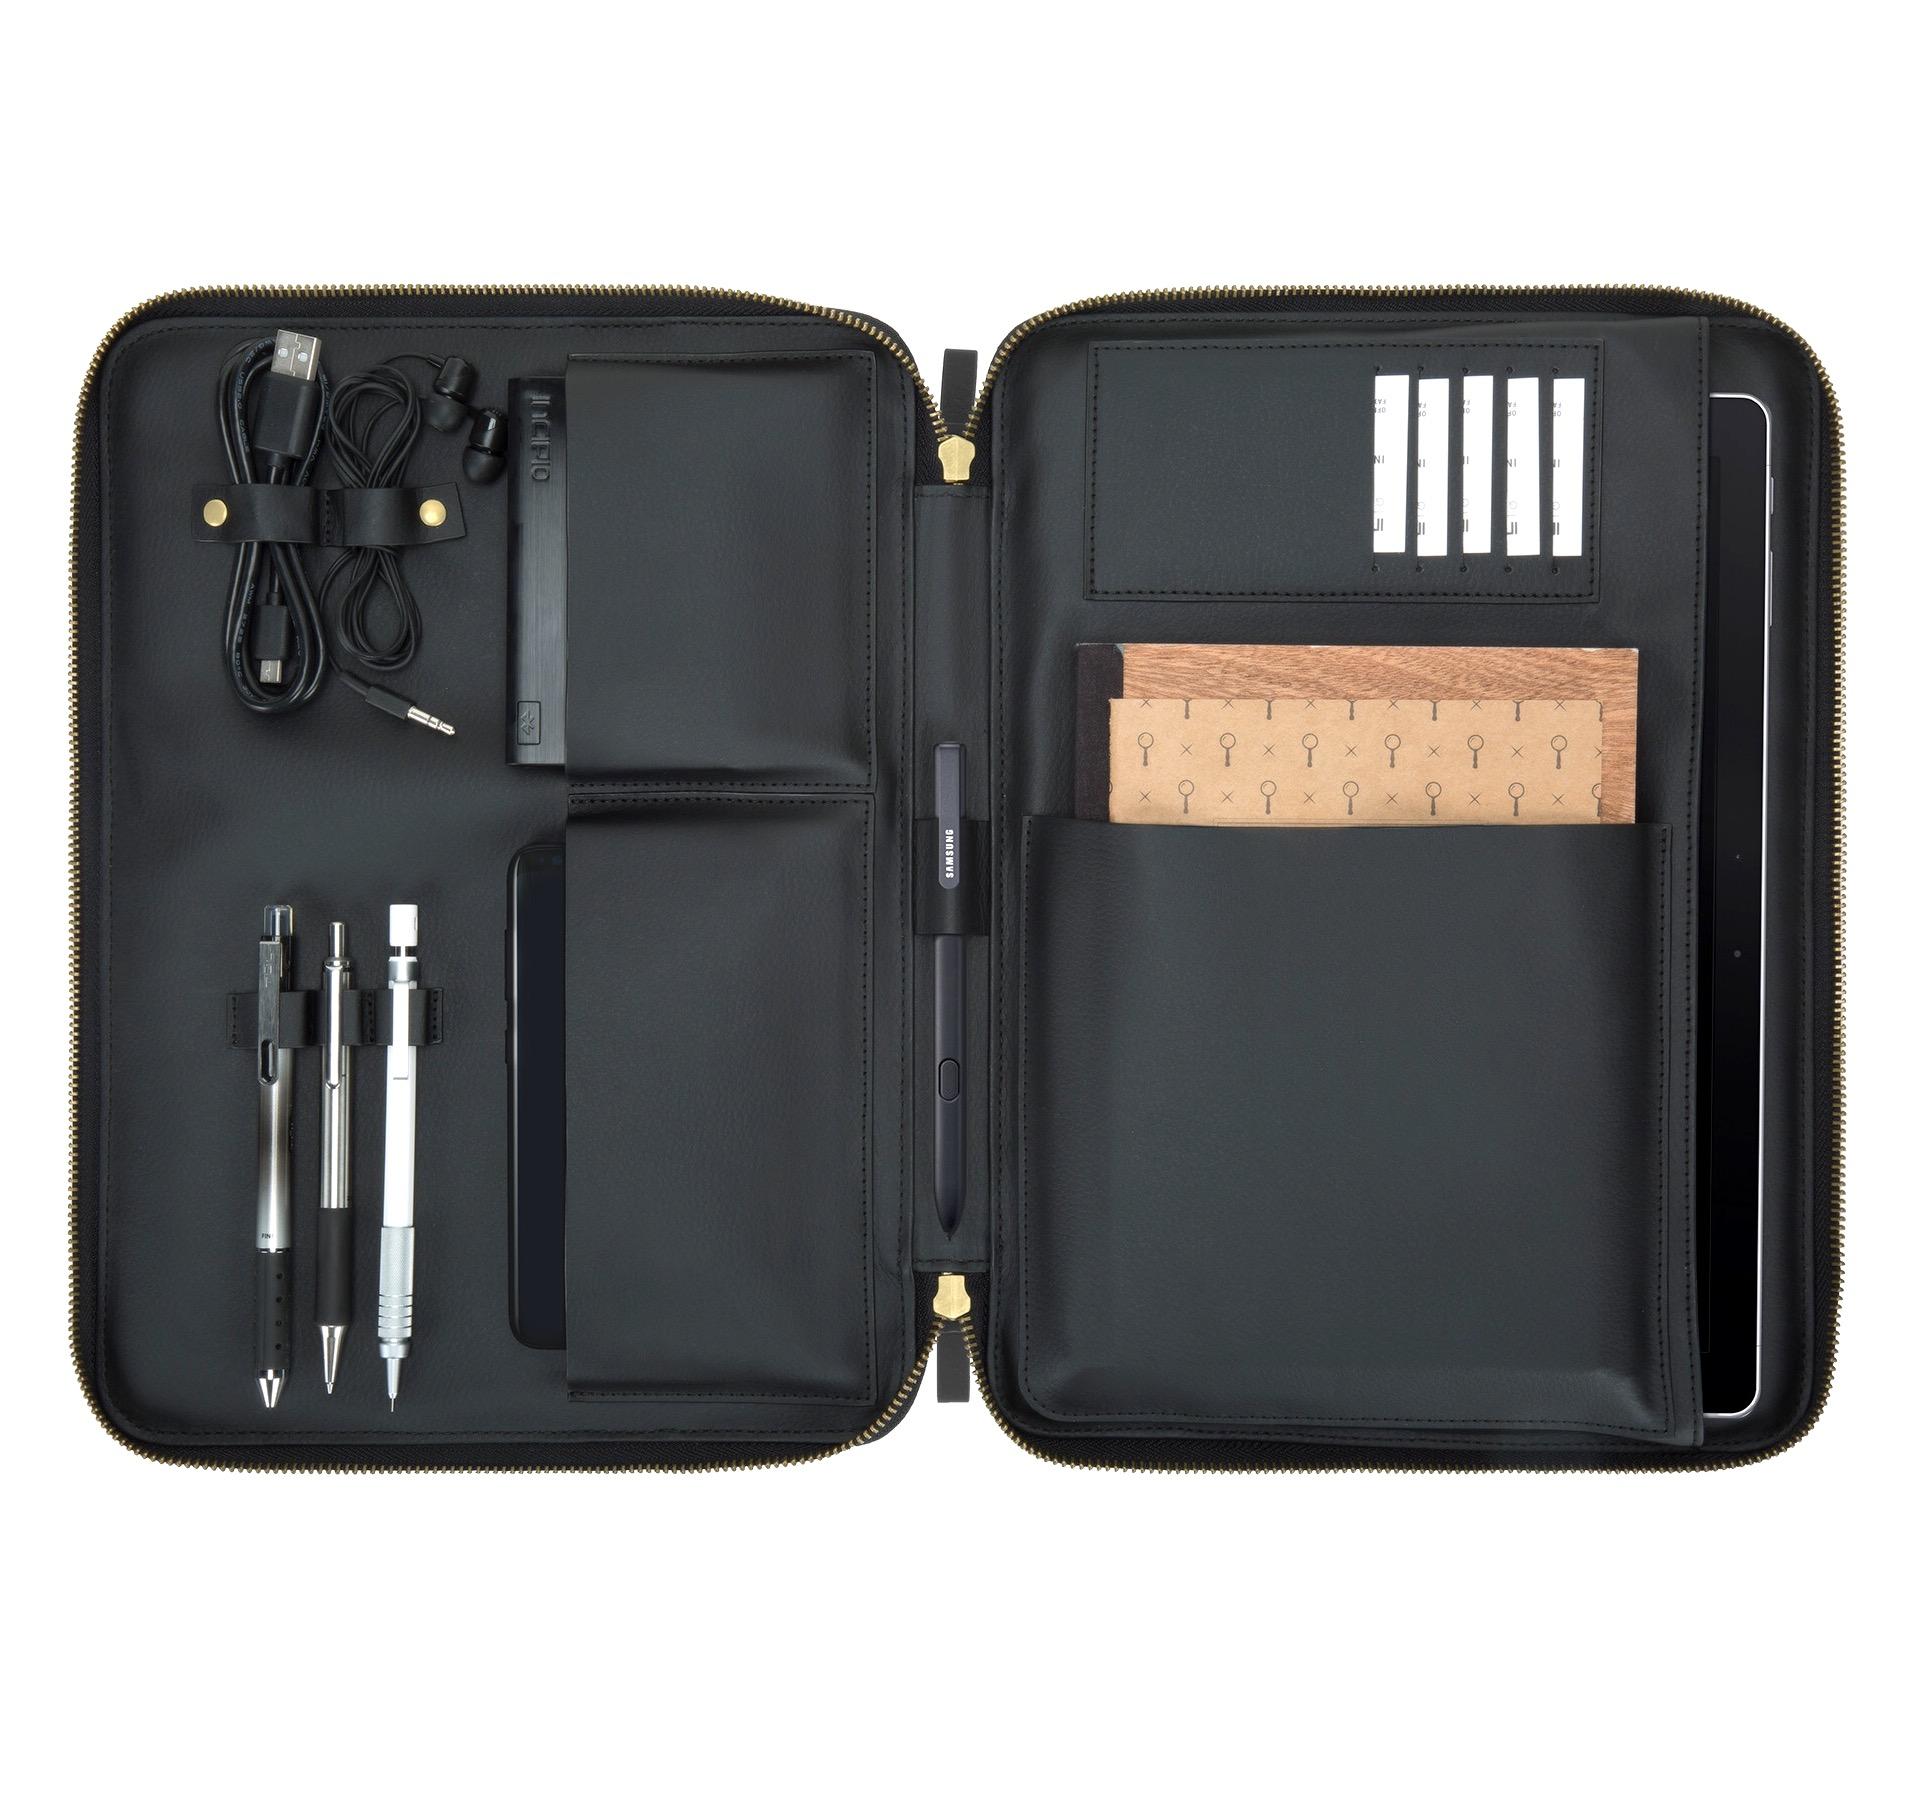 Housse de protection Multi poches Galaxy TAB 9.7 a 10.5 pouces Esquire Gris et noir